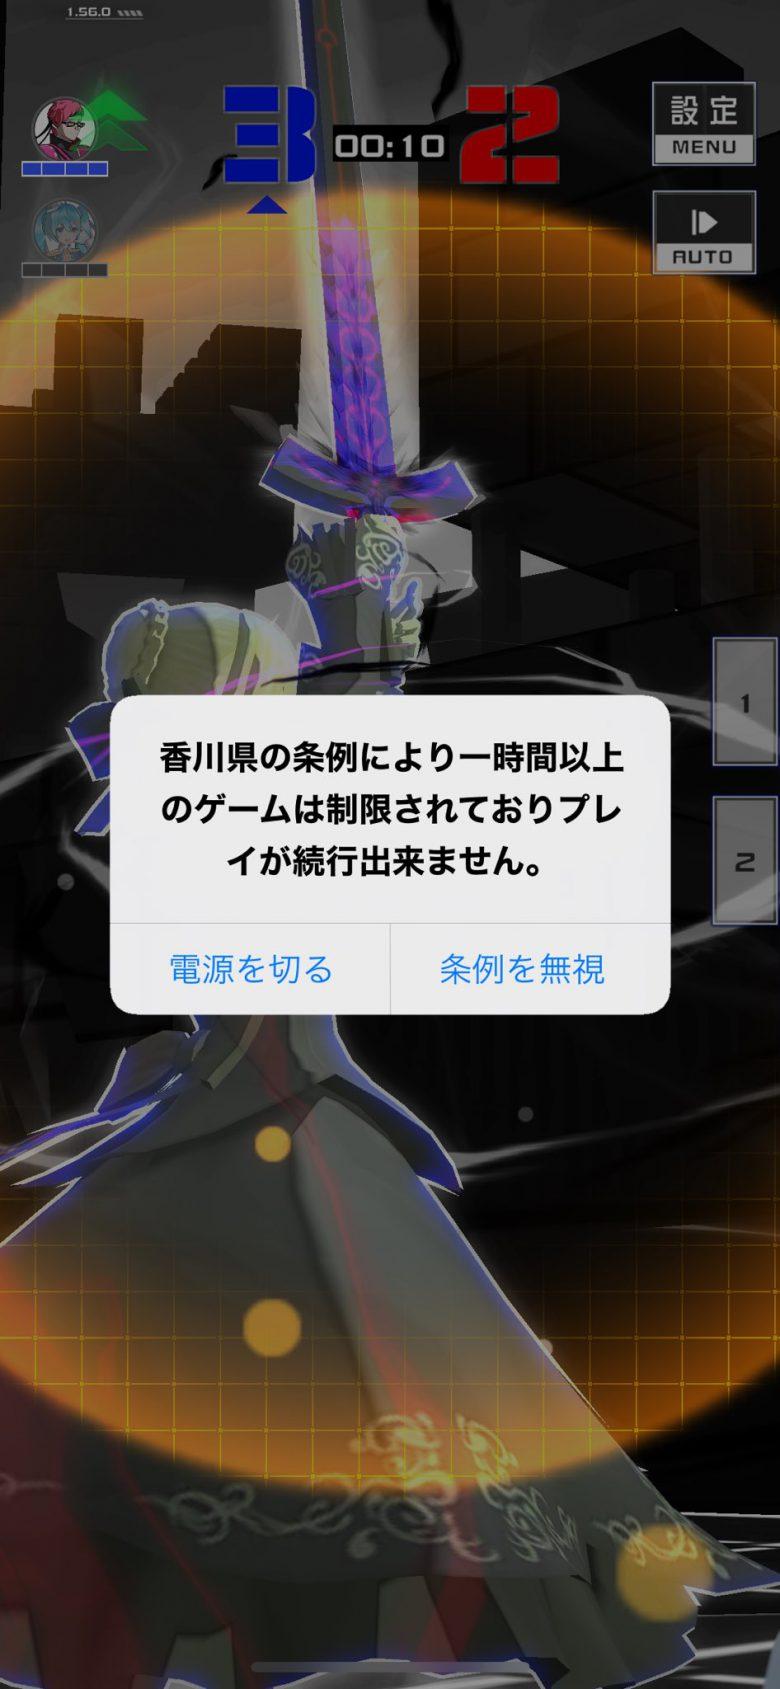 【ゲームおもしろ画像】香川県のゲーム規制条例でゲーム画面に表れたアラート(笑)